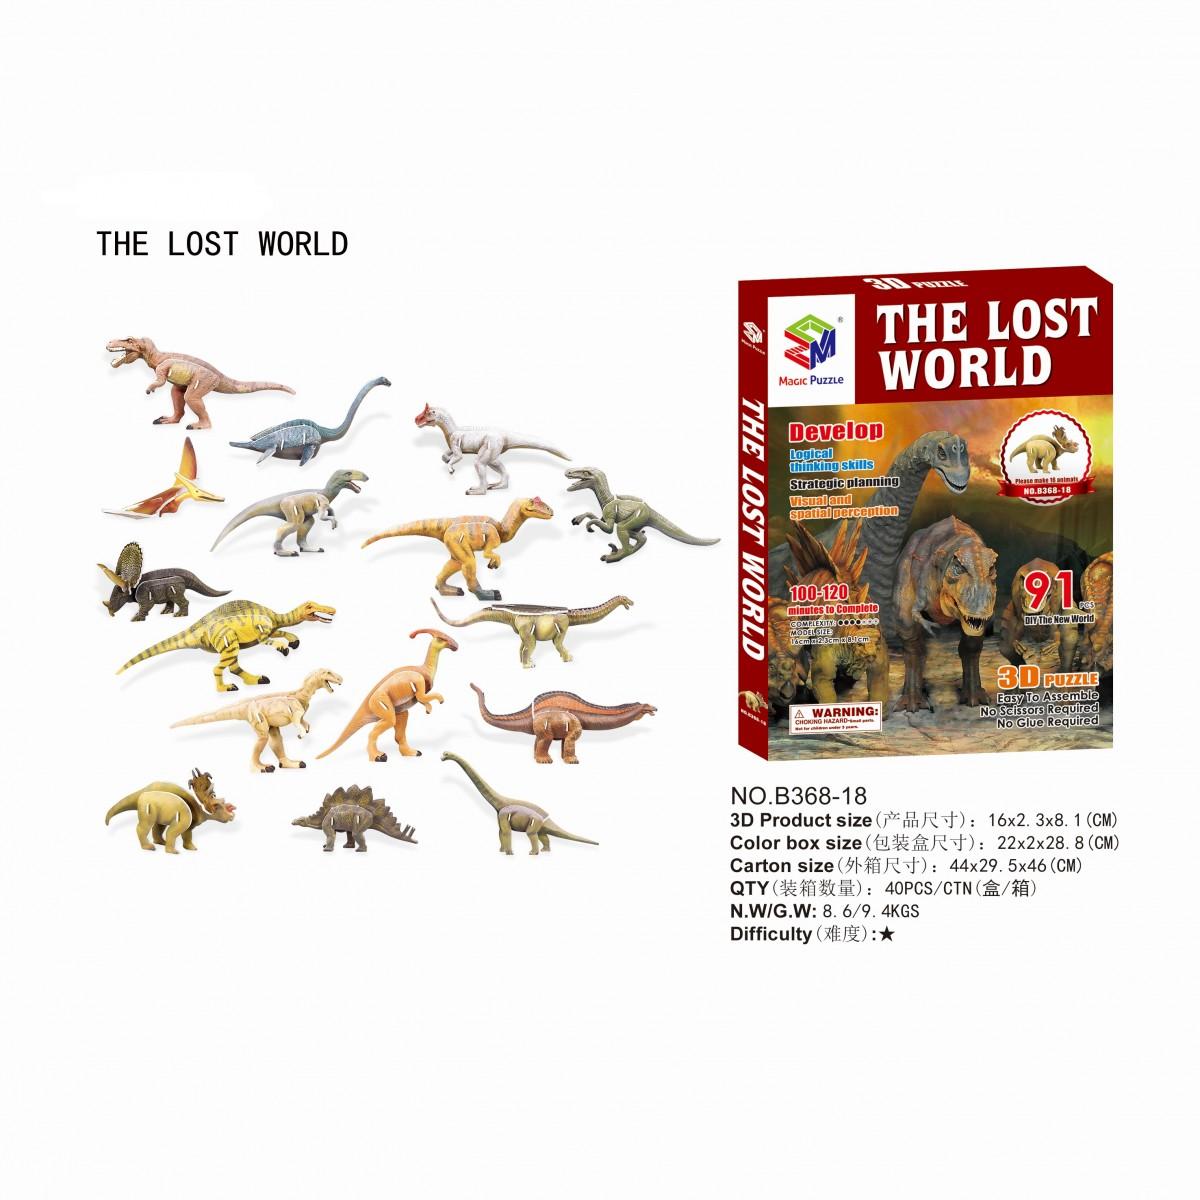 恐竜シリーズ 3Dパズル イメージ